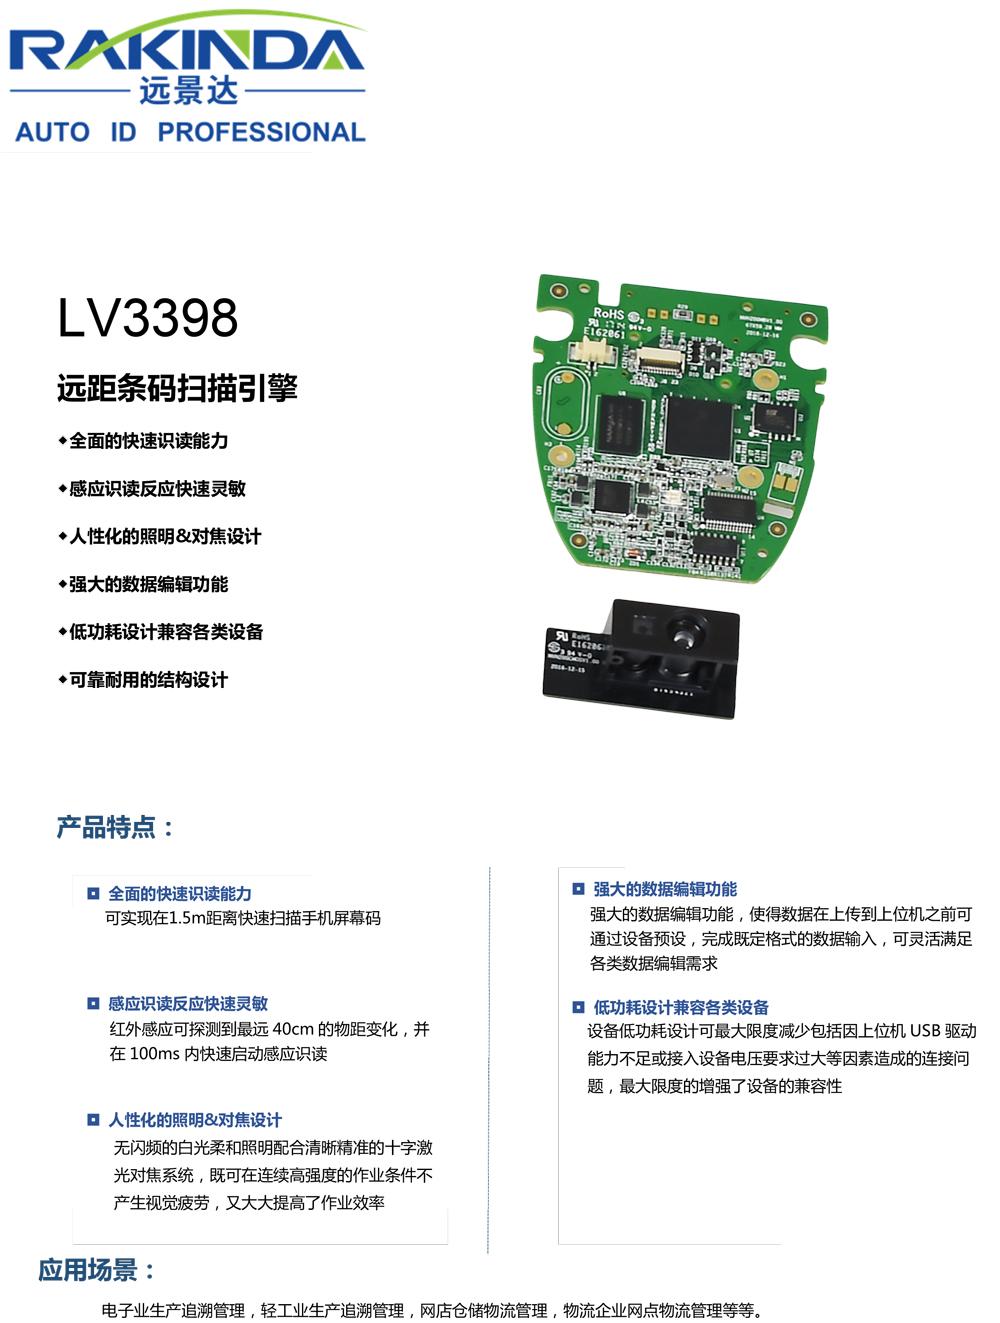 LV3398远距离嵌入式扫描器